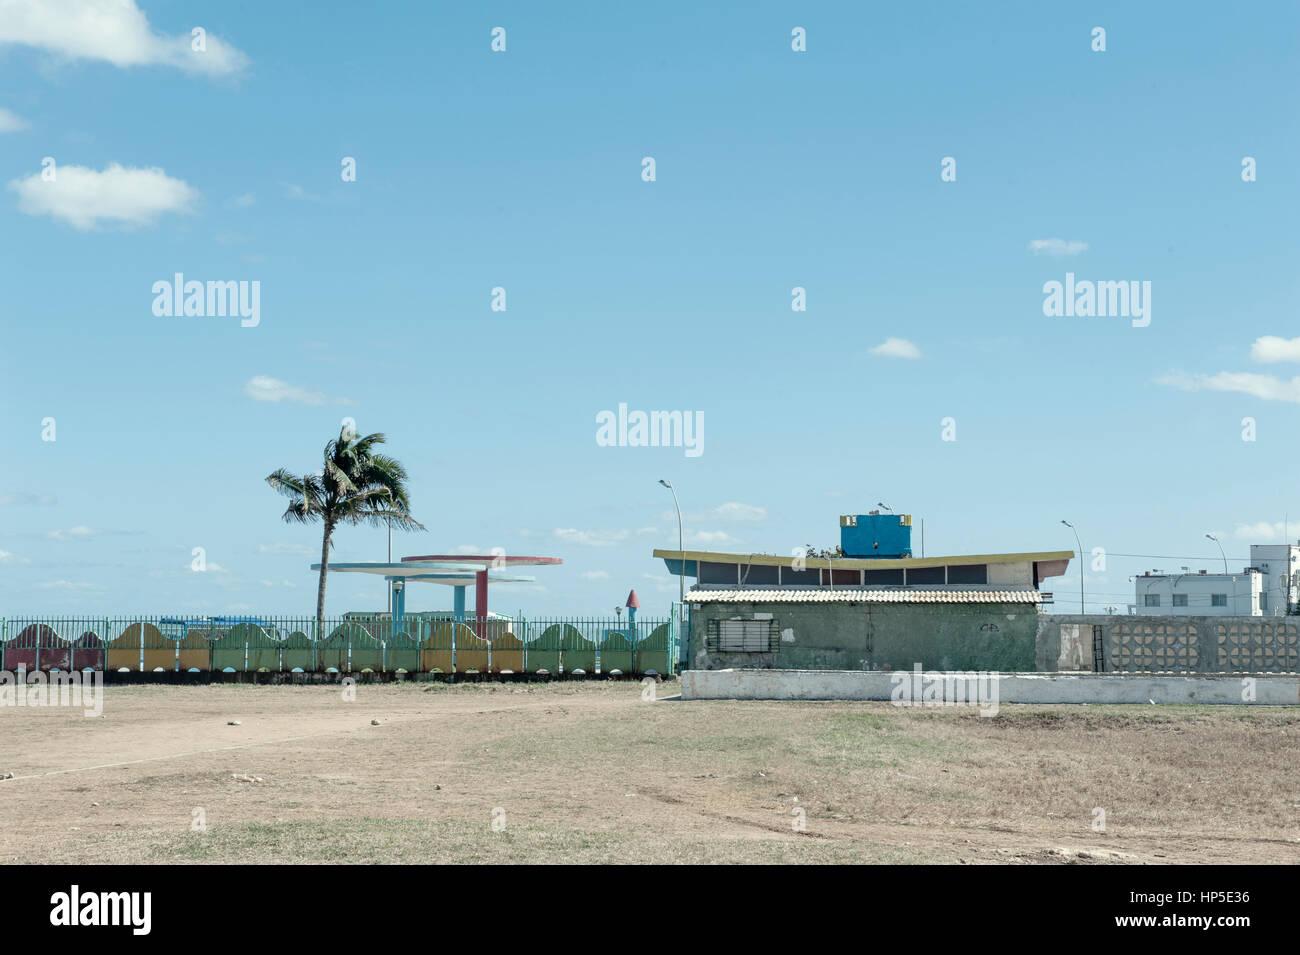 lungo il Malecon uno stabilimento. Stock Photo